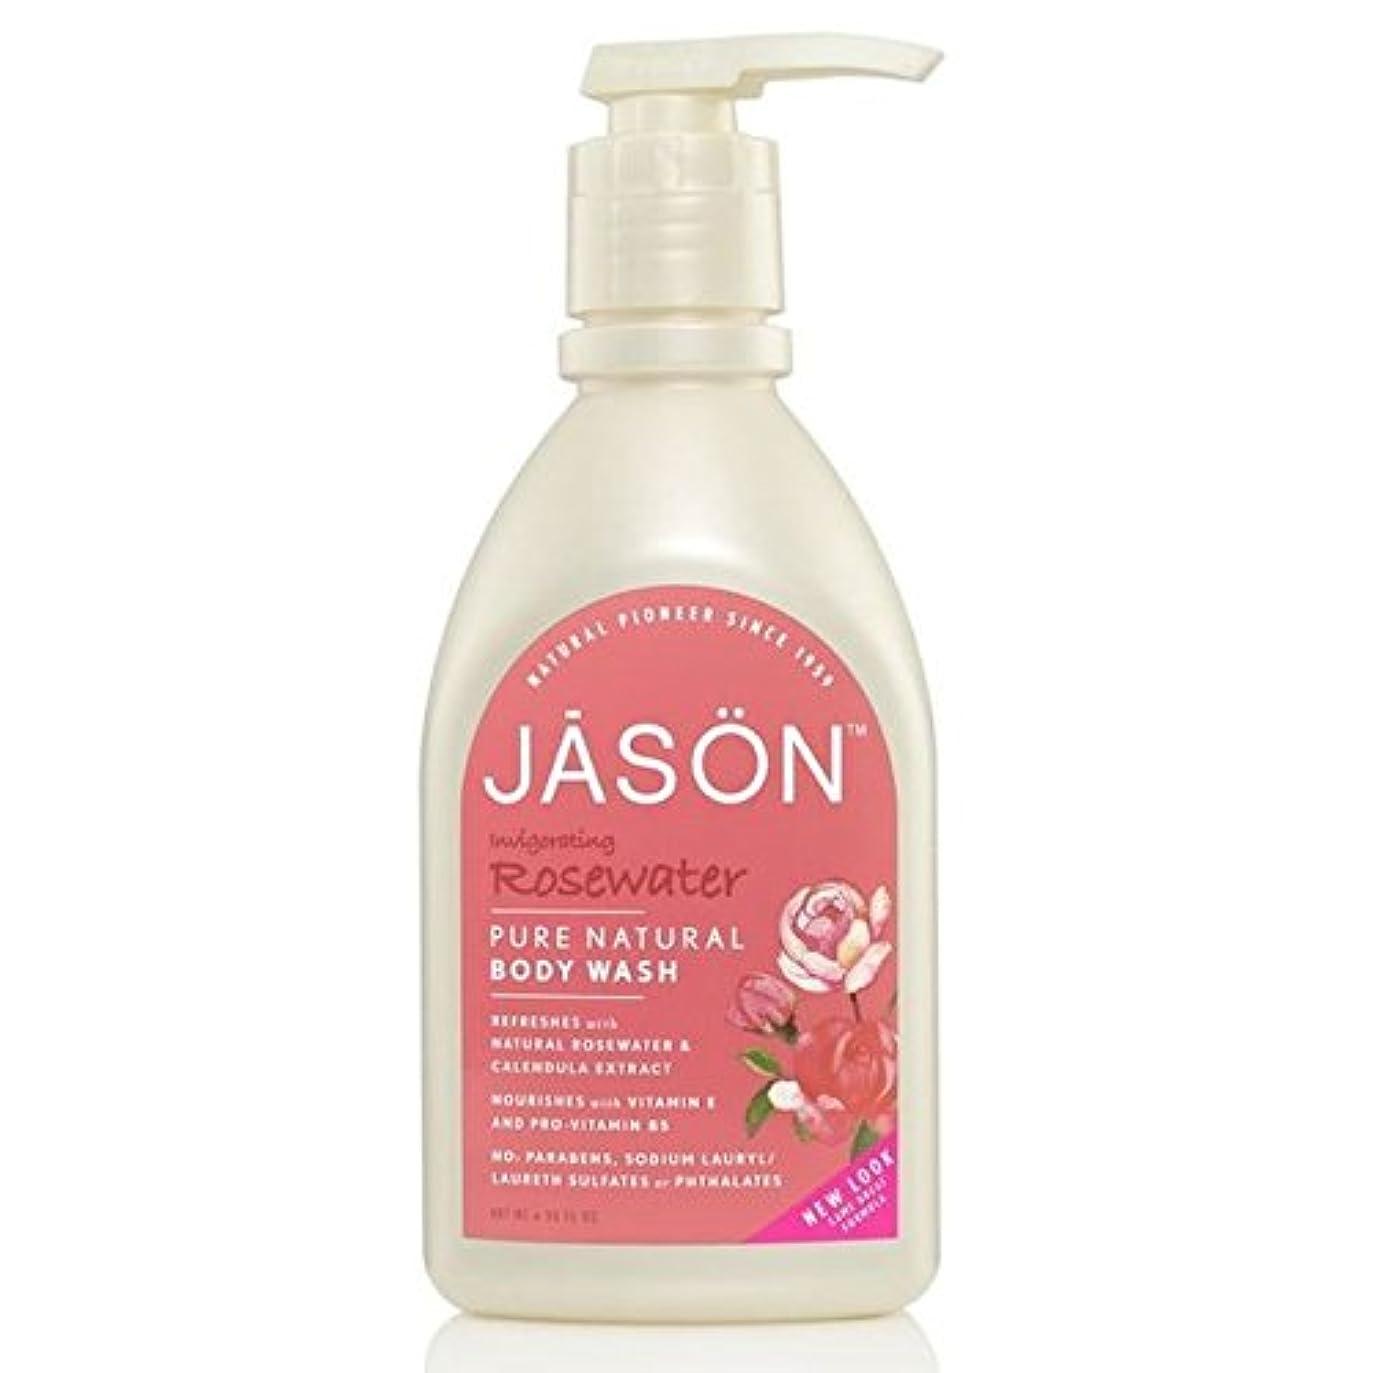 音楽つぶす王室ジェイソン?ボディウォッシュローズウォーターサテンシャワー900ミリリットル x2 - Jason Body Wash Rosewater Satin Shower 900ml (Pack of 2) [並行輸入品]